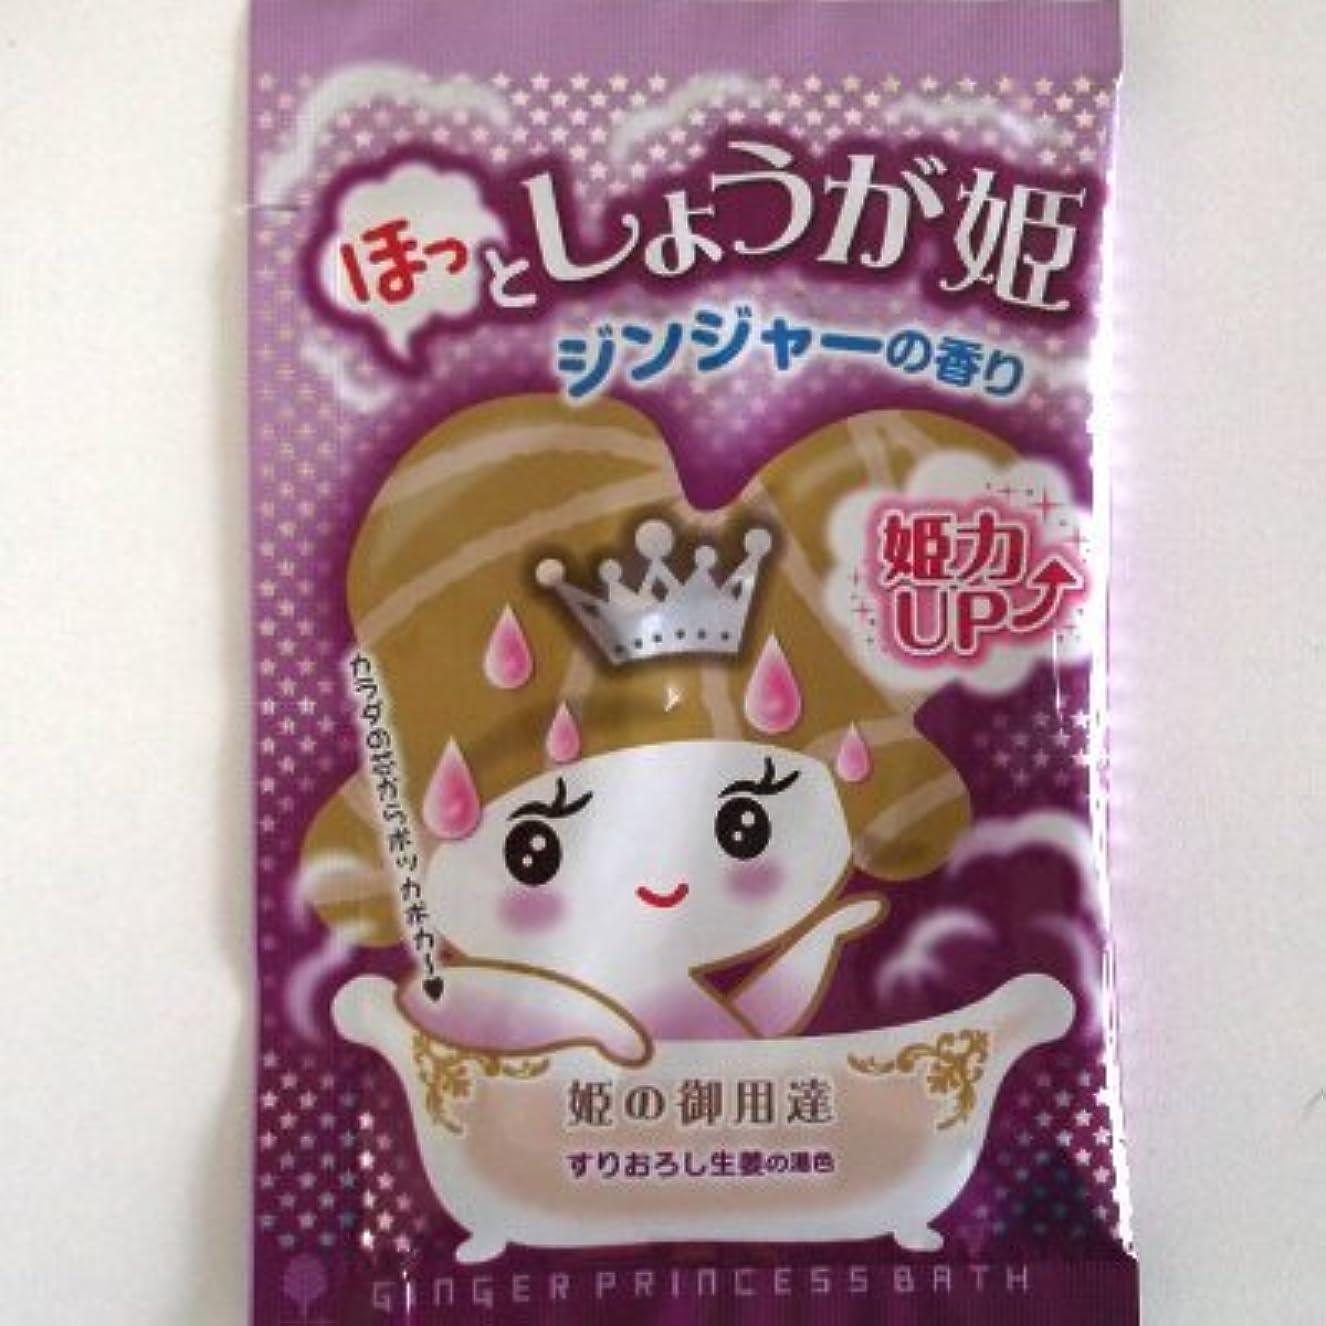 応じるメモ服紀陽除虫菊 ほっとしょうが姫 ジャンジャーの香り【まとめ買い12個セット】 N-8403